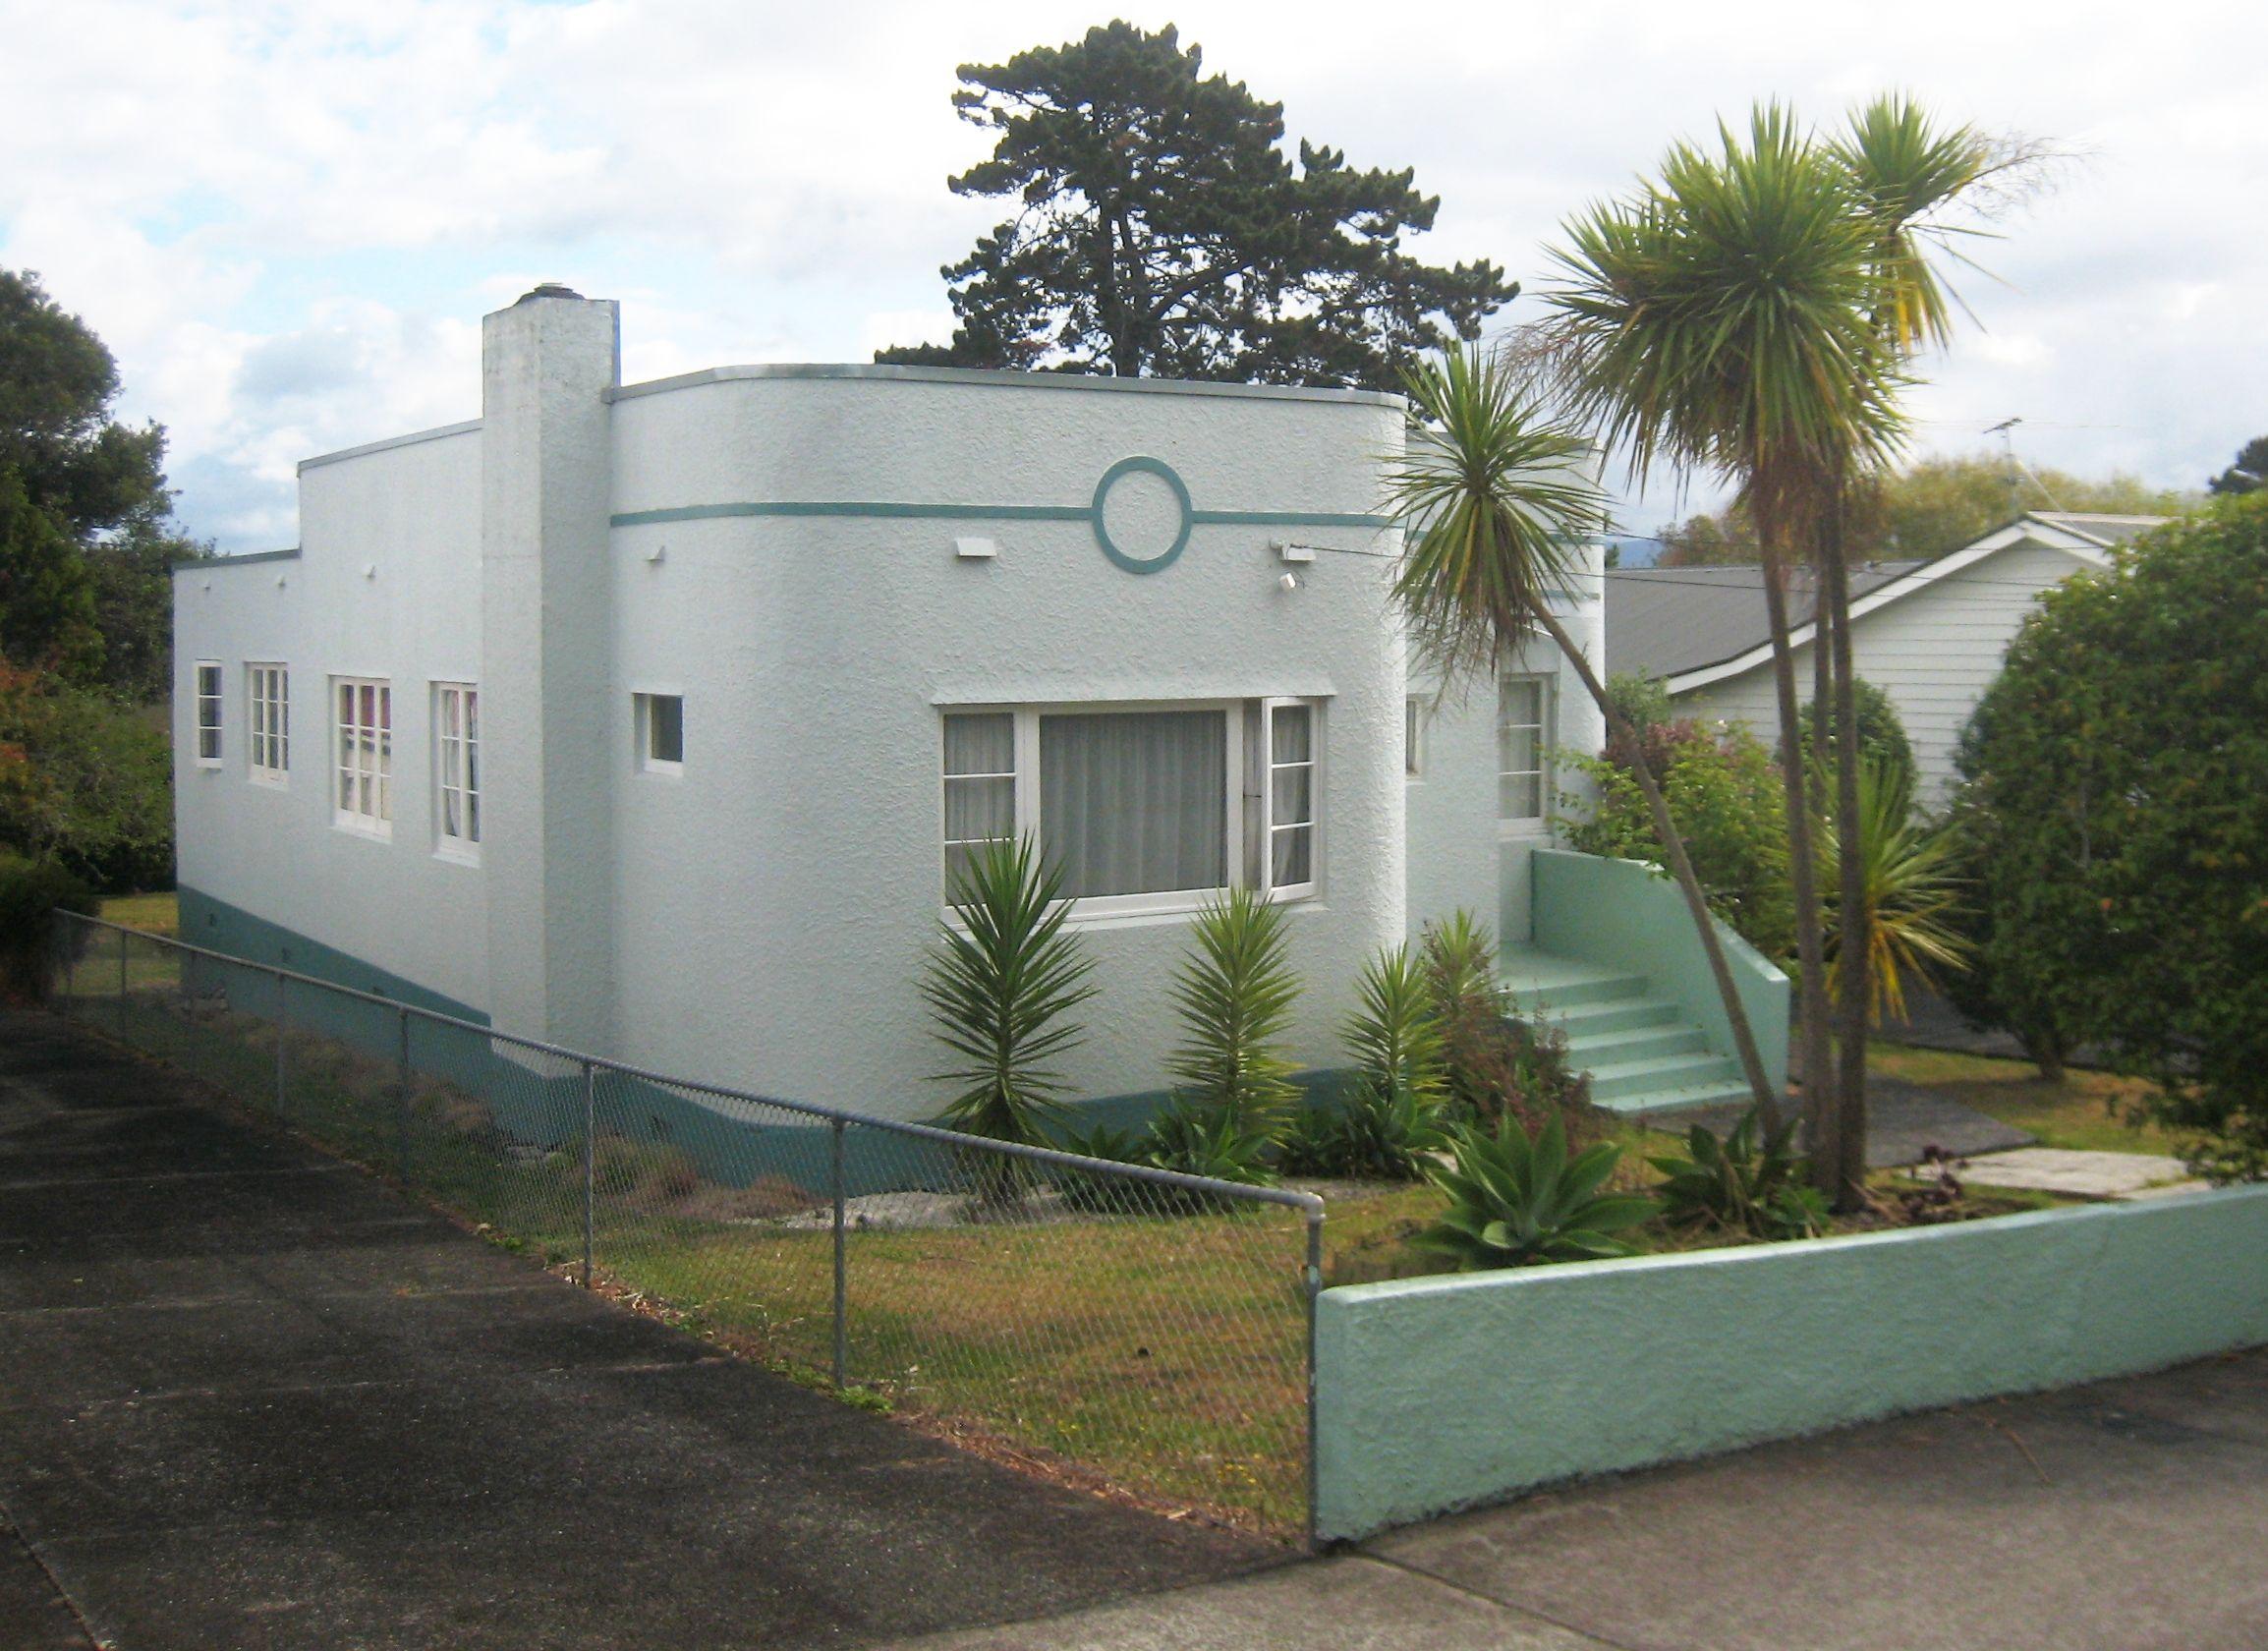 Ordinary Bungalow Rent Melbourne Part - 7: Art Deco Bungalow In Auckland, NZ